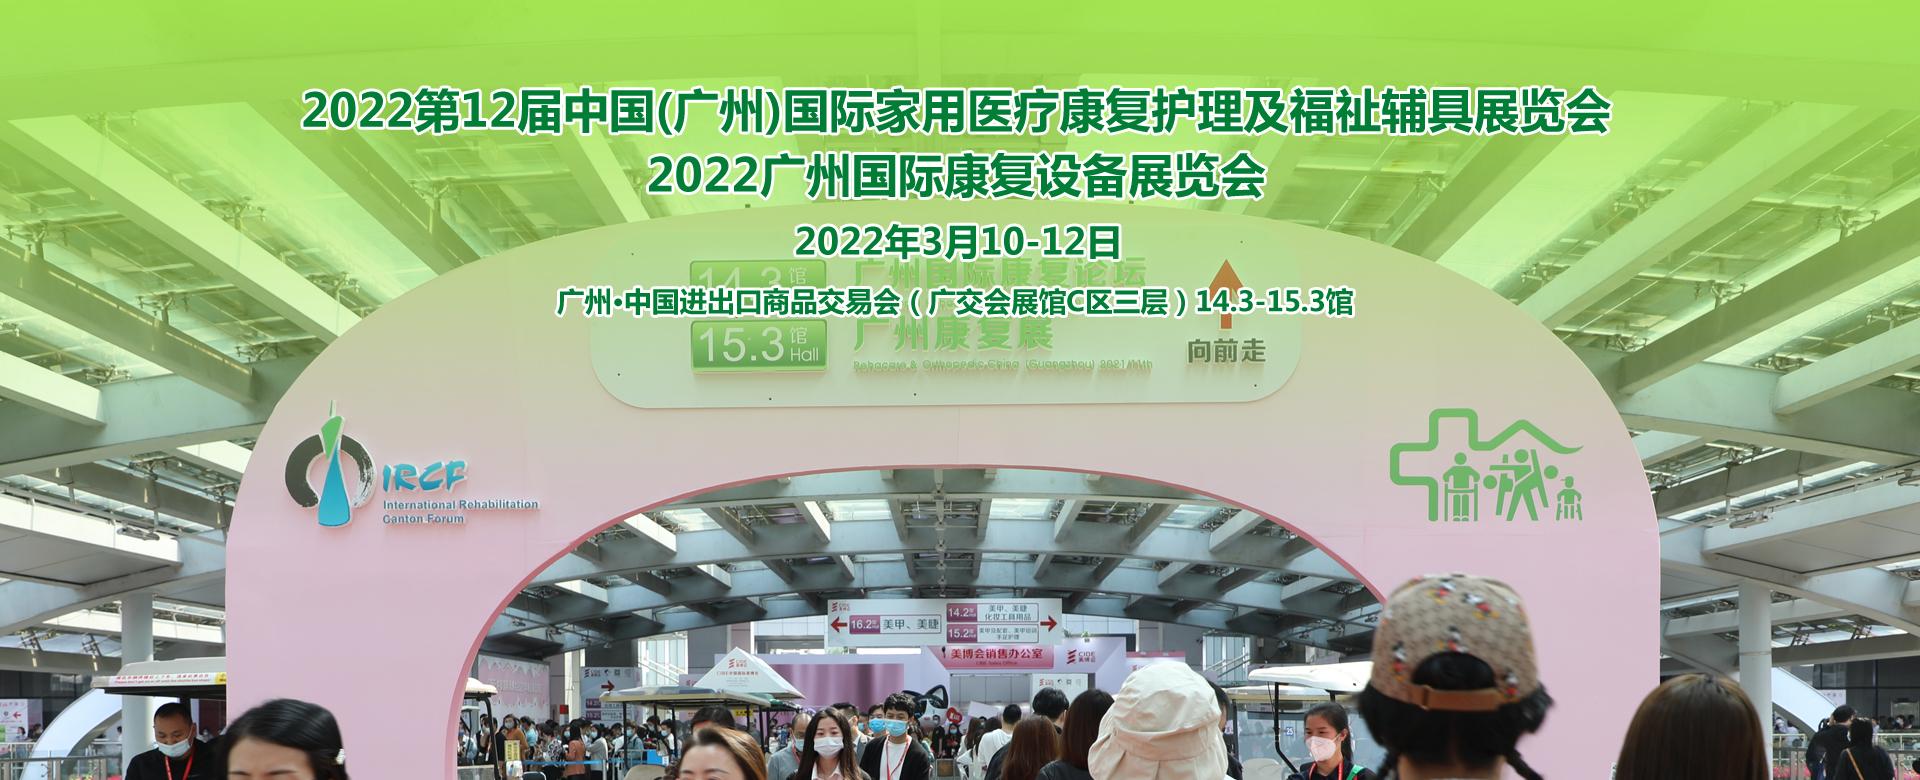 2022廣州國際康復展招商函